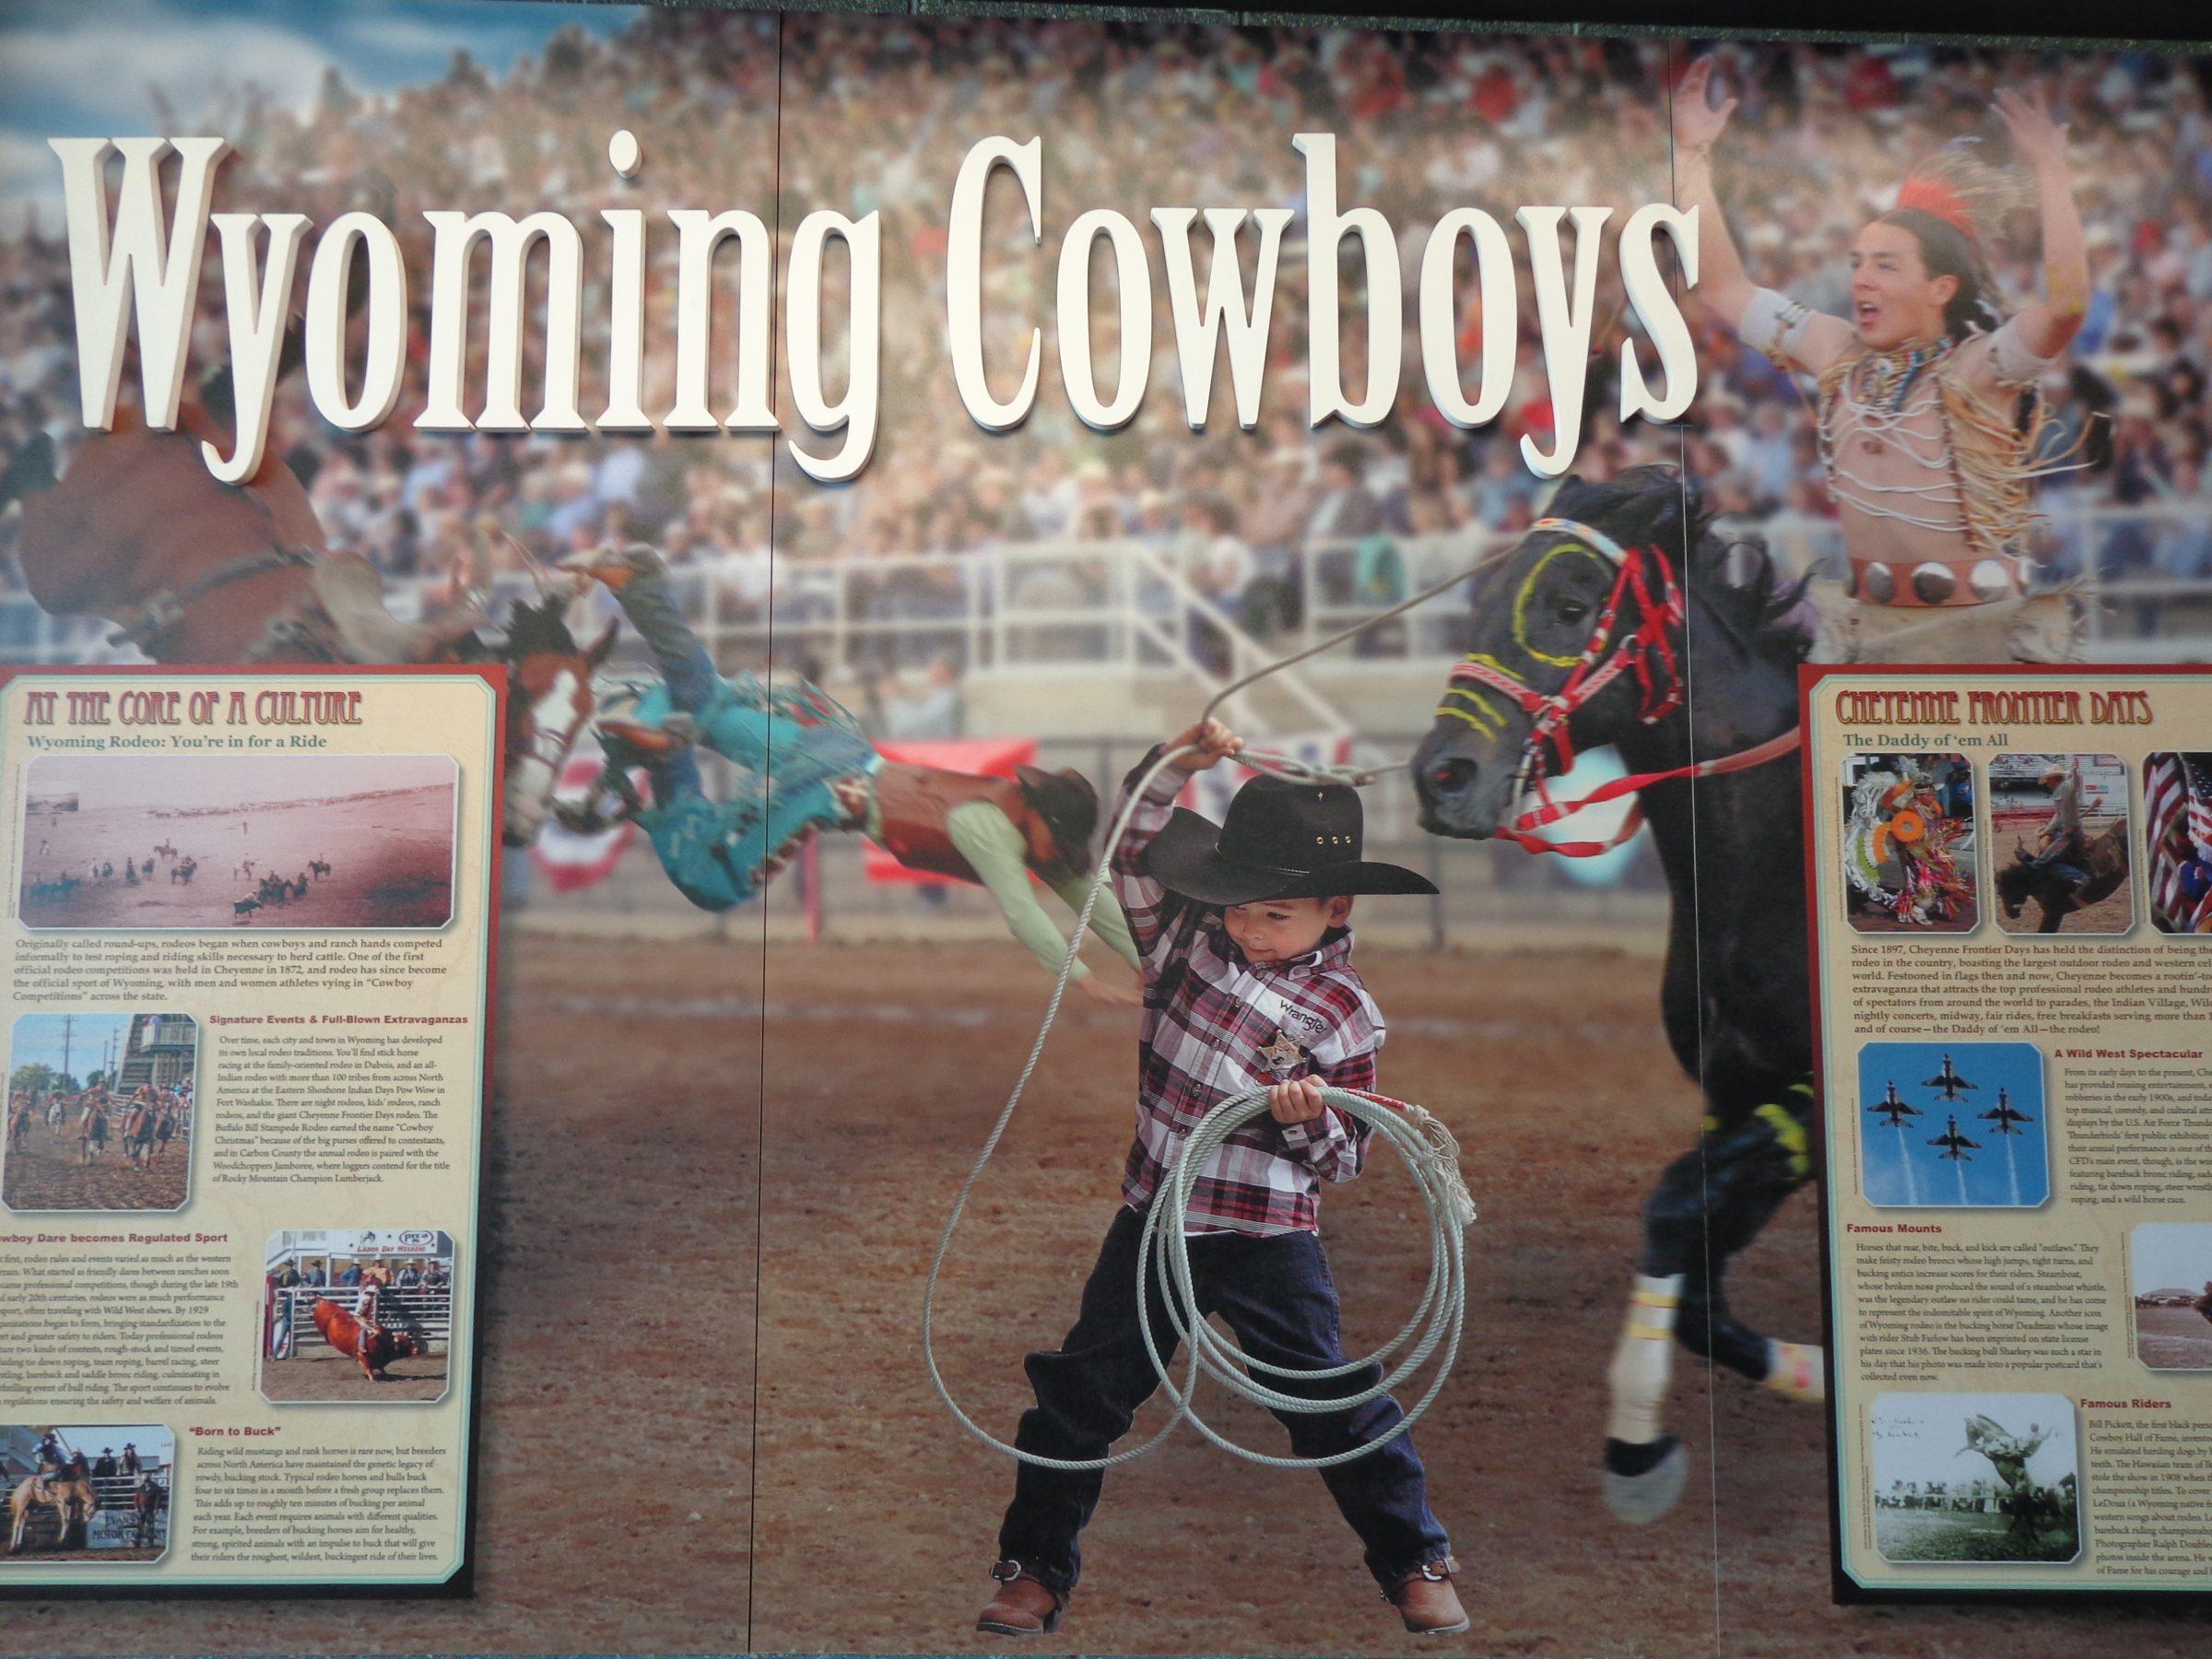 Wyoming staat bekend als de Cowboy State